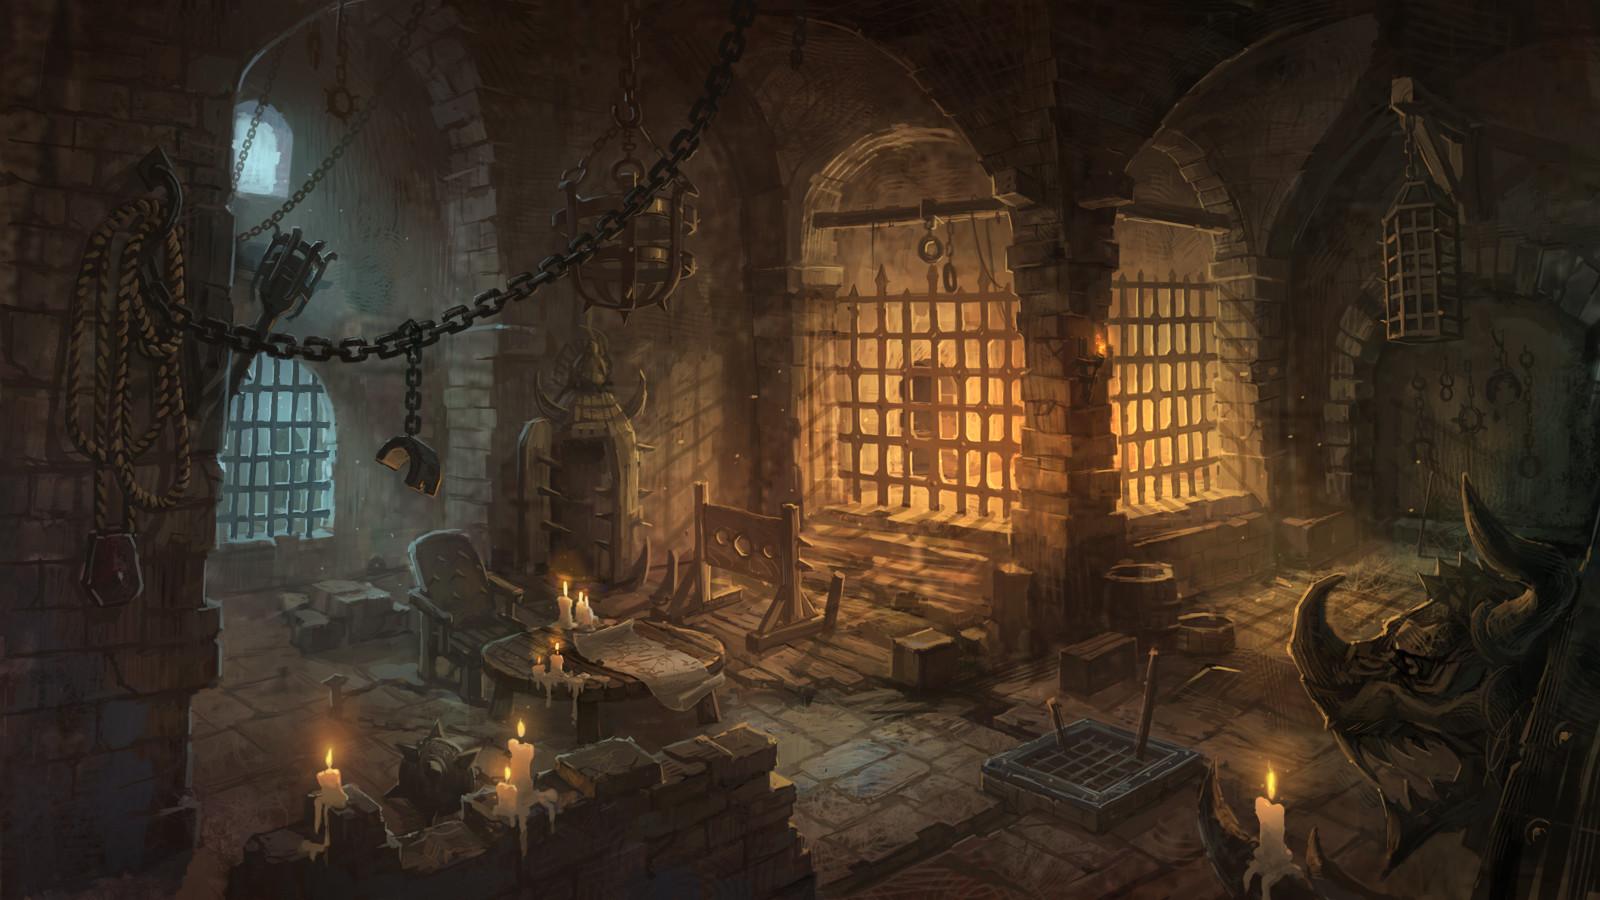 Kings Escape Room